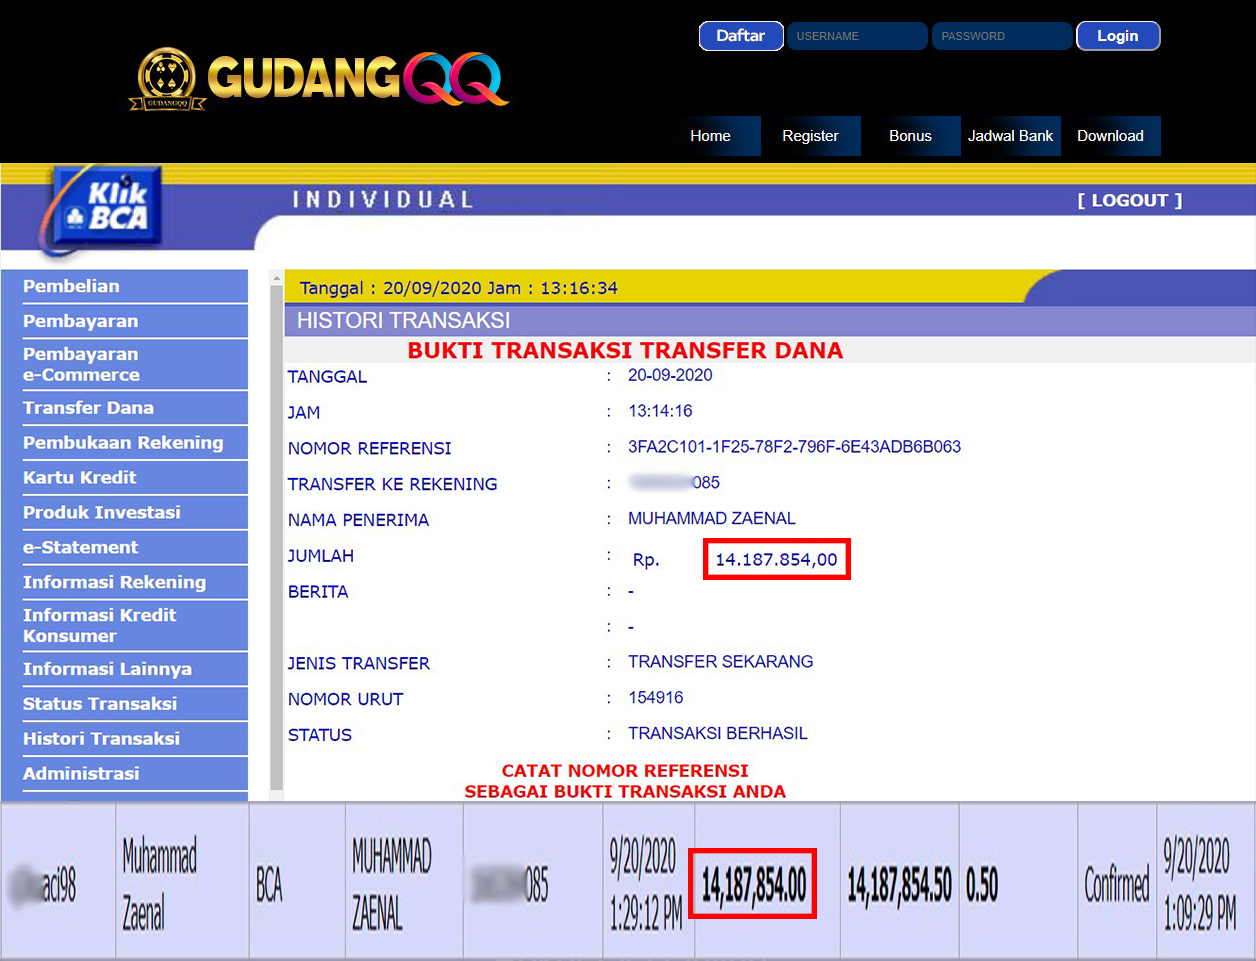 Selamat Kepada Member Setia GudangQQ WD sebesar Rp. 14,187,854.-